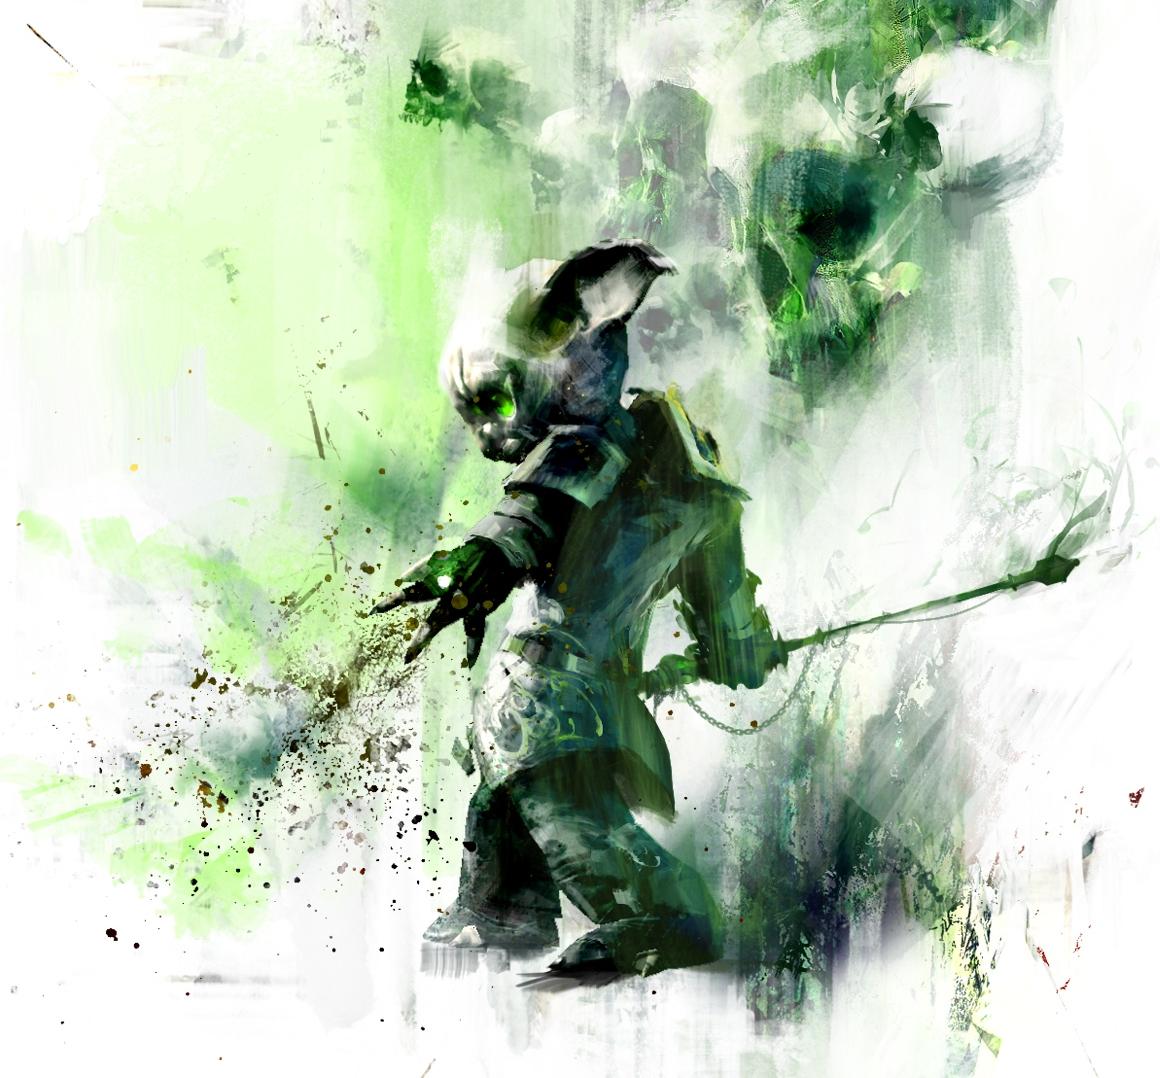 https://i1.wp.com/wiki.guildwars2.com/images/1/14/Necromancer_03_concept_art.jpg